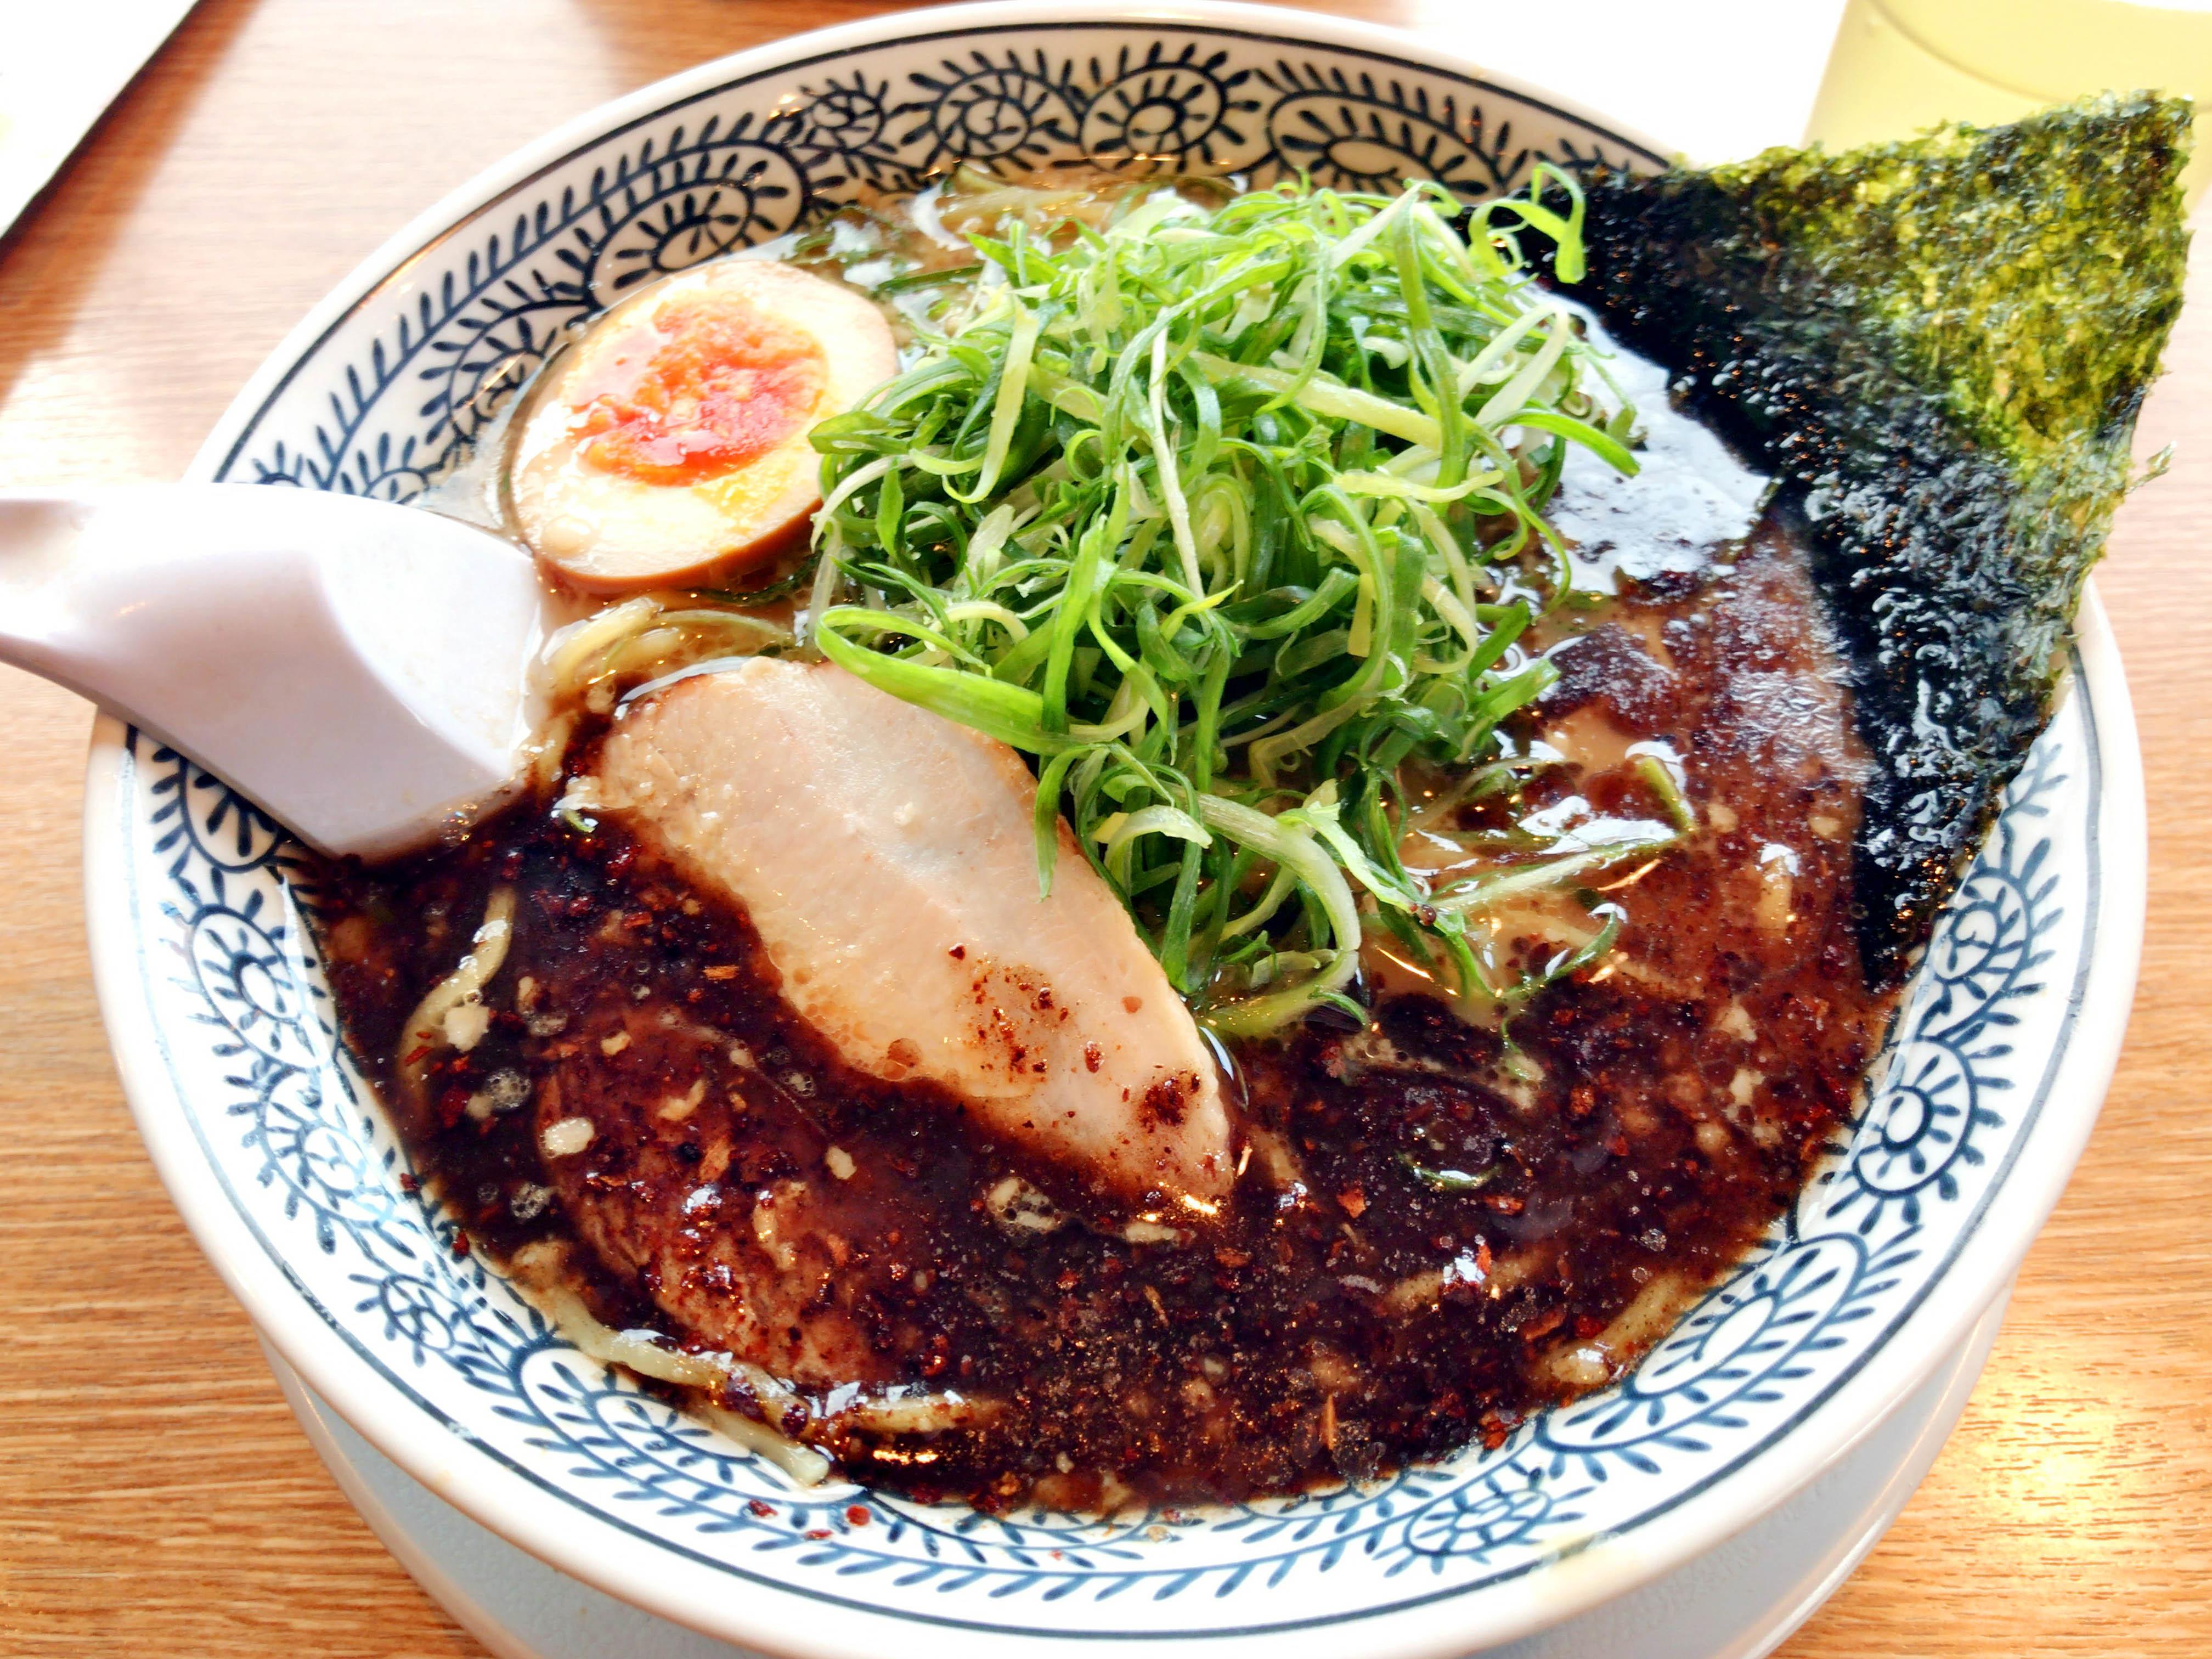 黒とんこつラーメン ドッカンねぎ入り 810円(税抜)